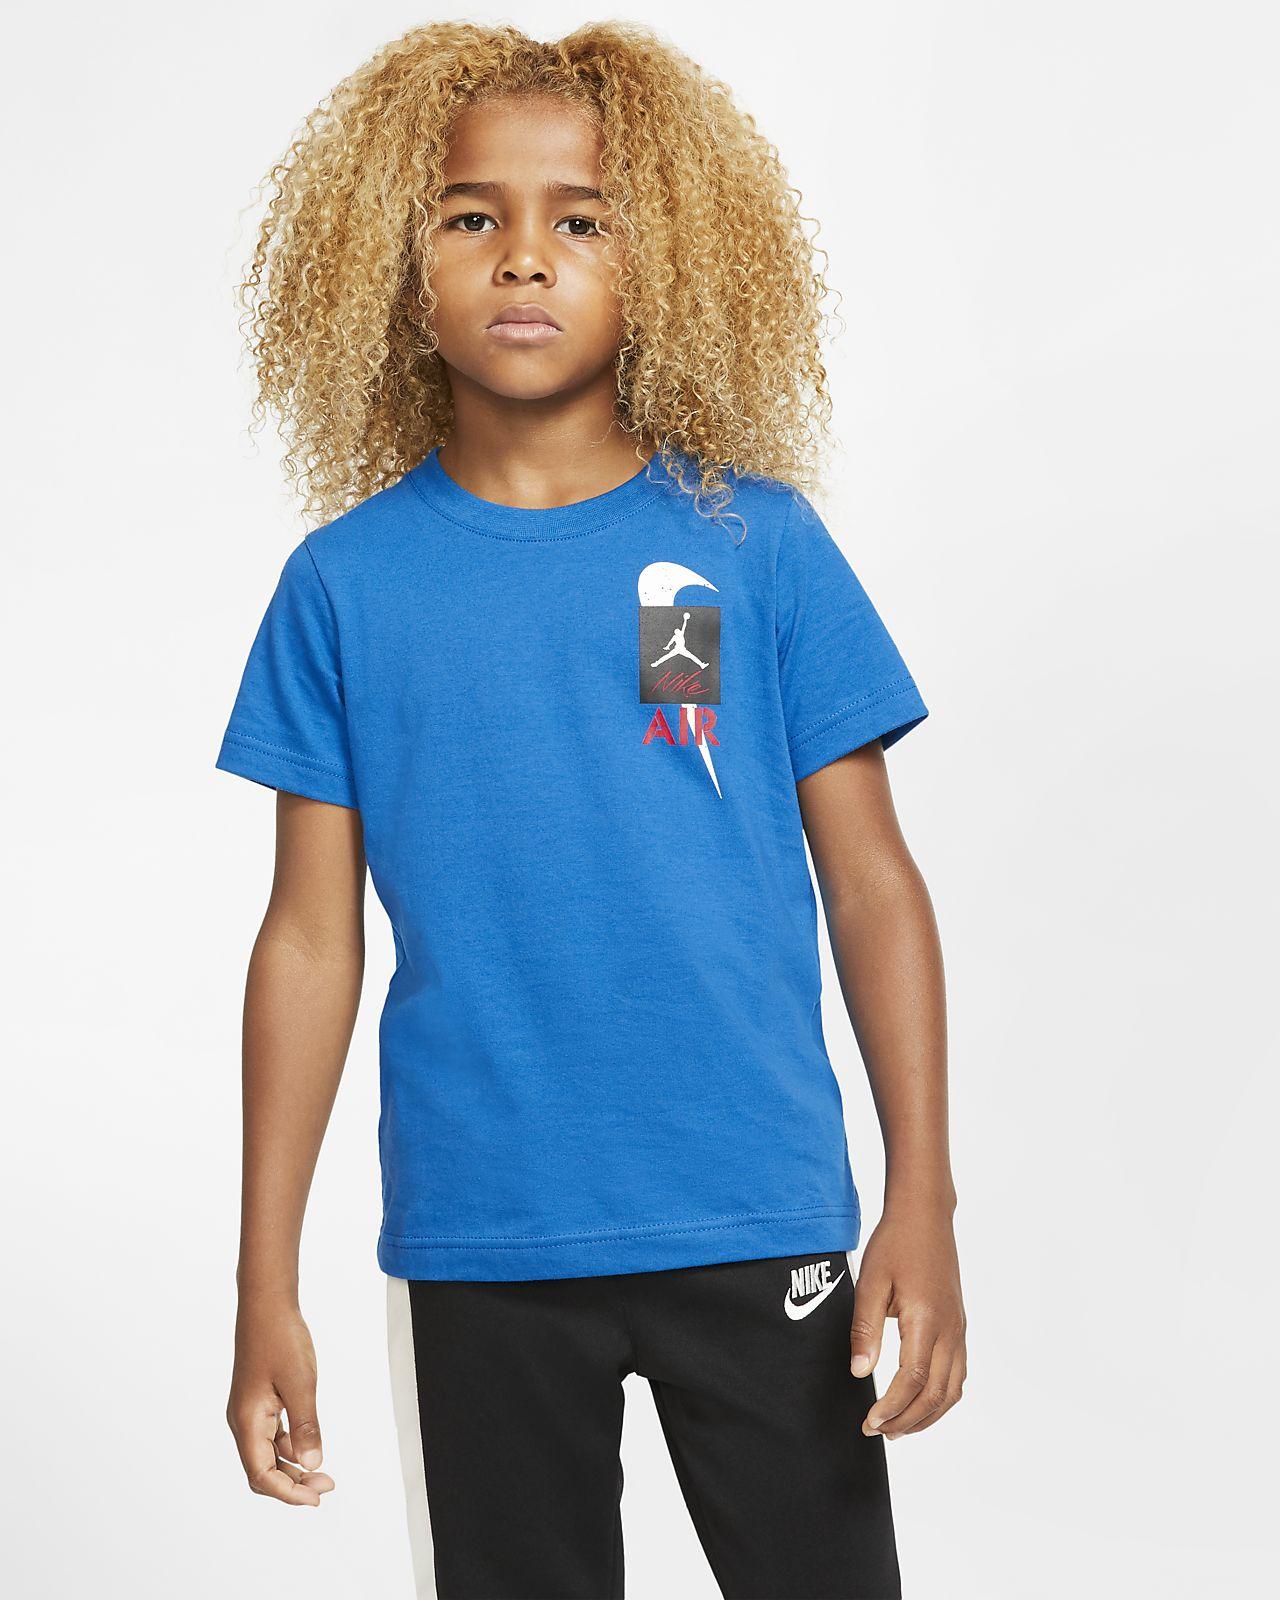 T-shirt z krótkim rękawem dla małych dzieci Air Jordan